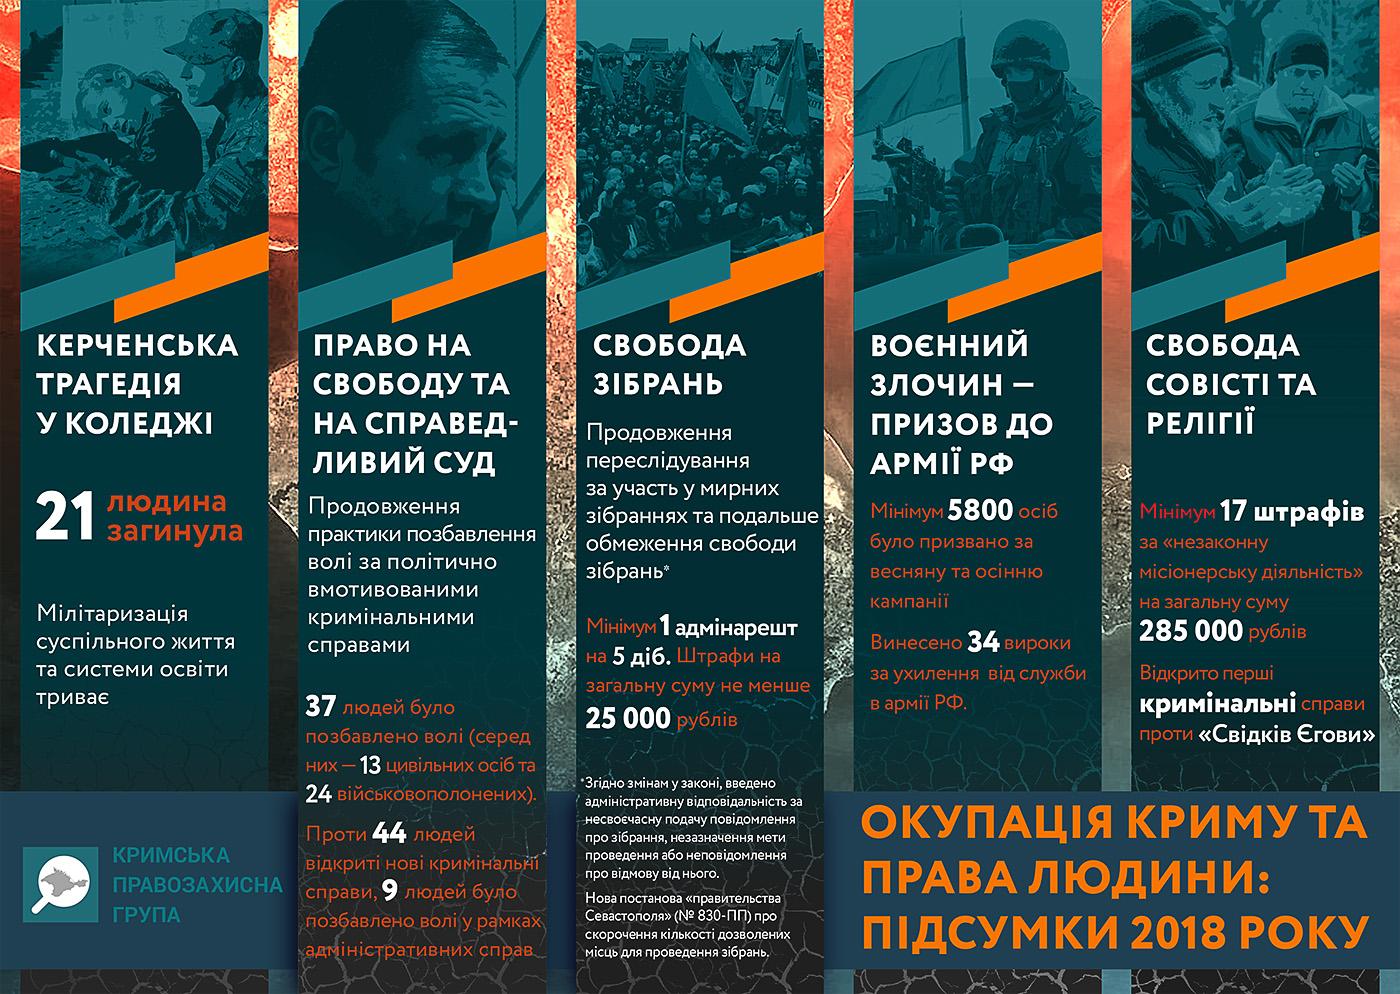 Окупація Криму та Права Людини – підсумки 2018 року